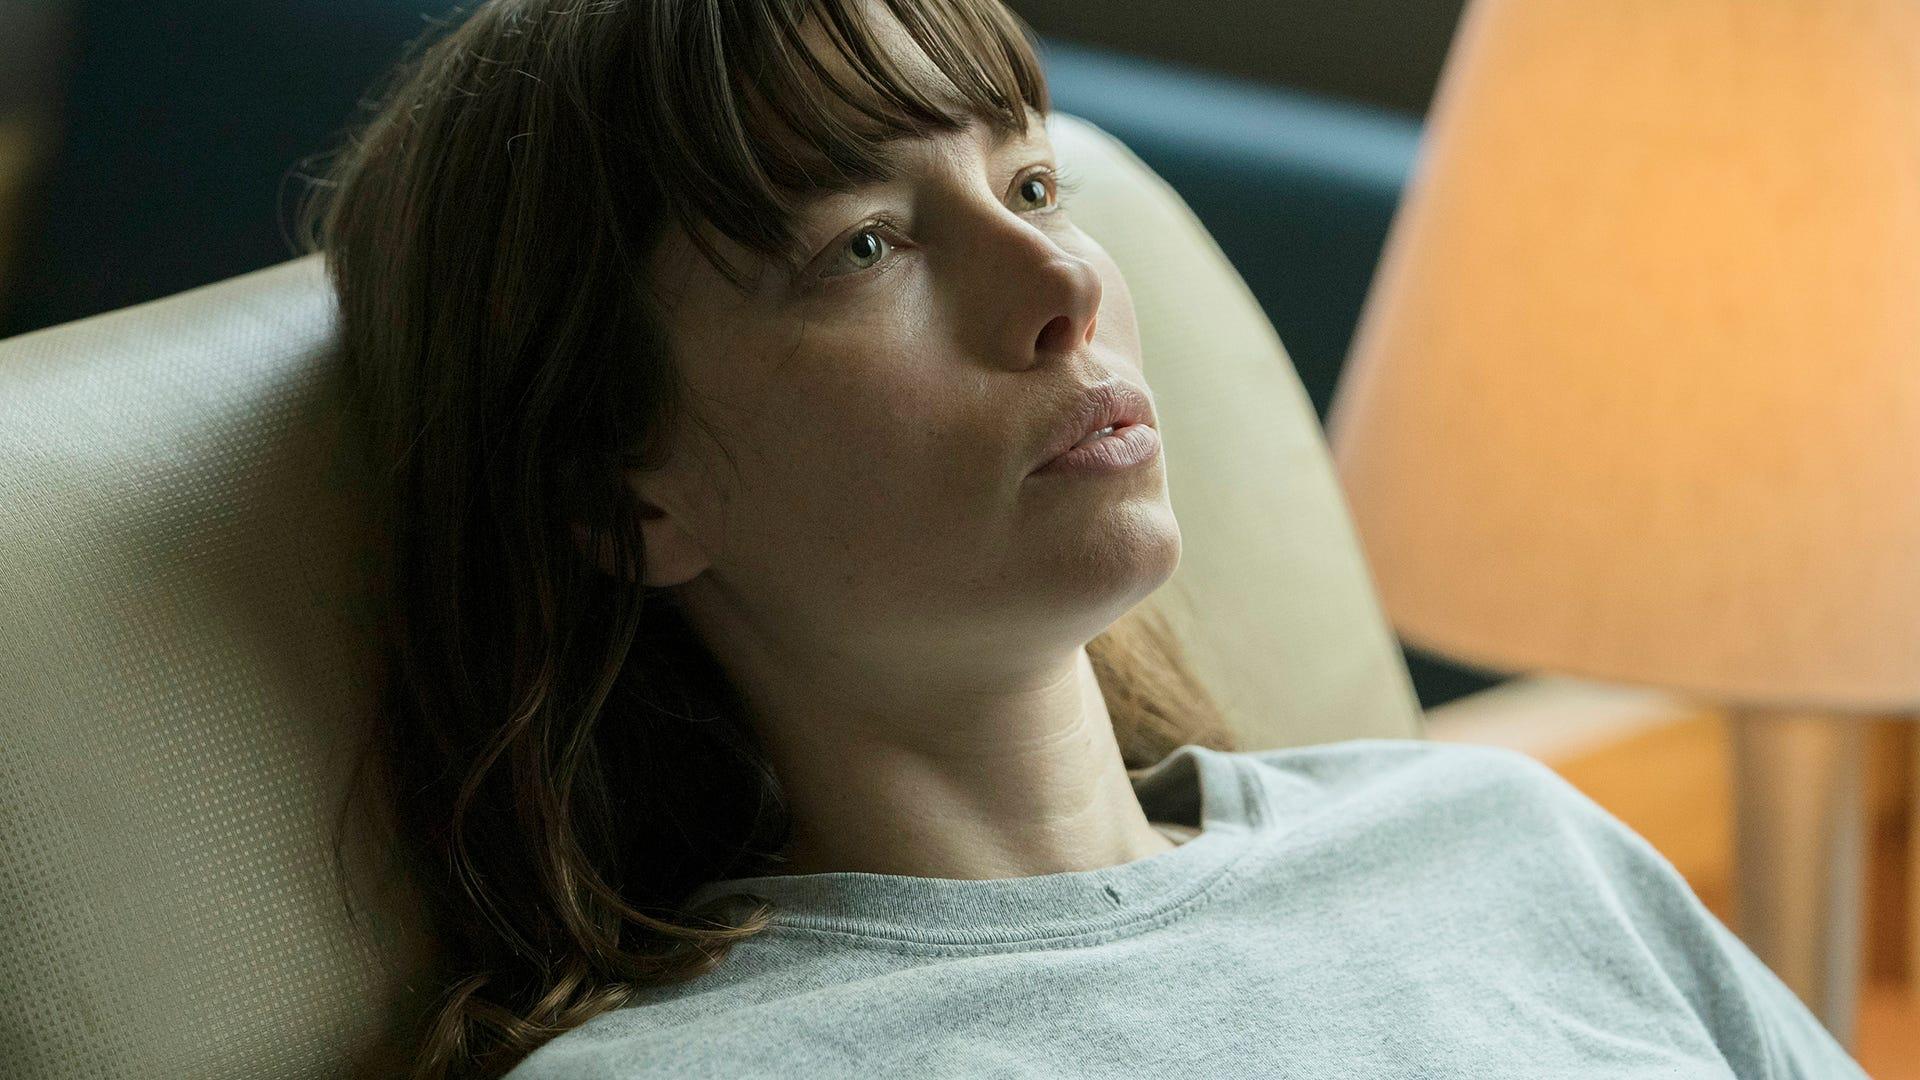 Jessica Biel, The Sinner